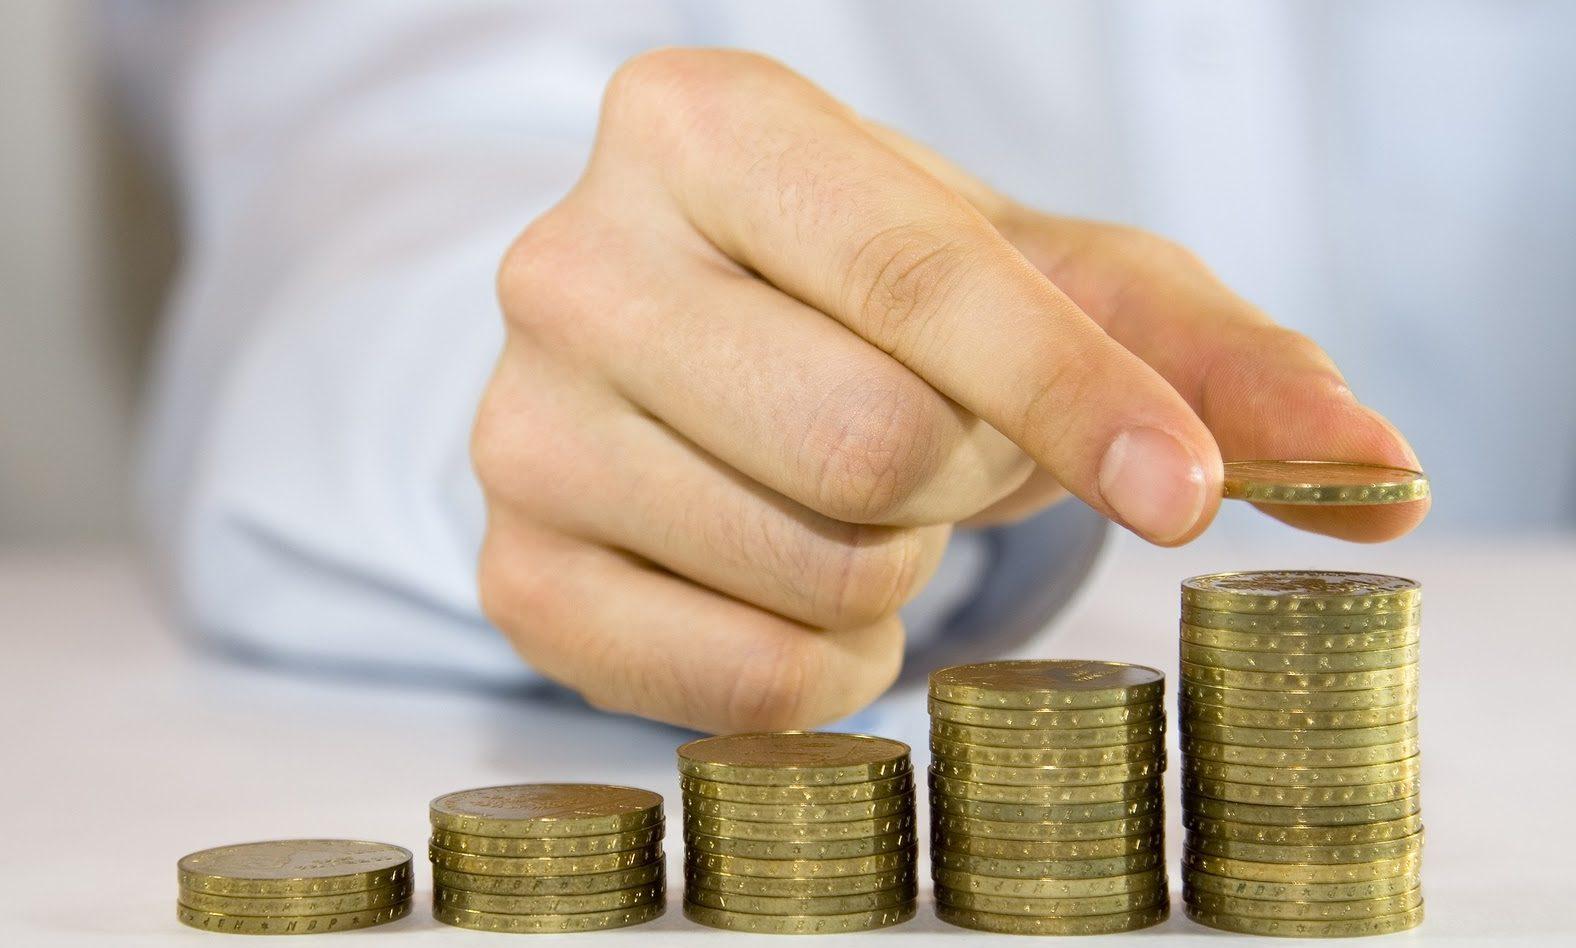 hogyan lehet pénzt keresni cigányul